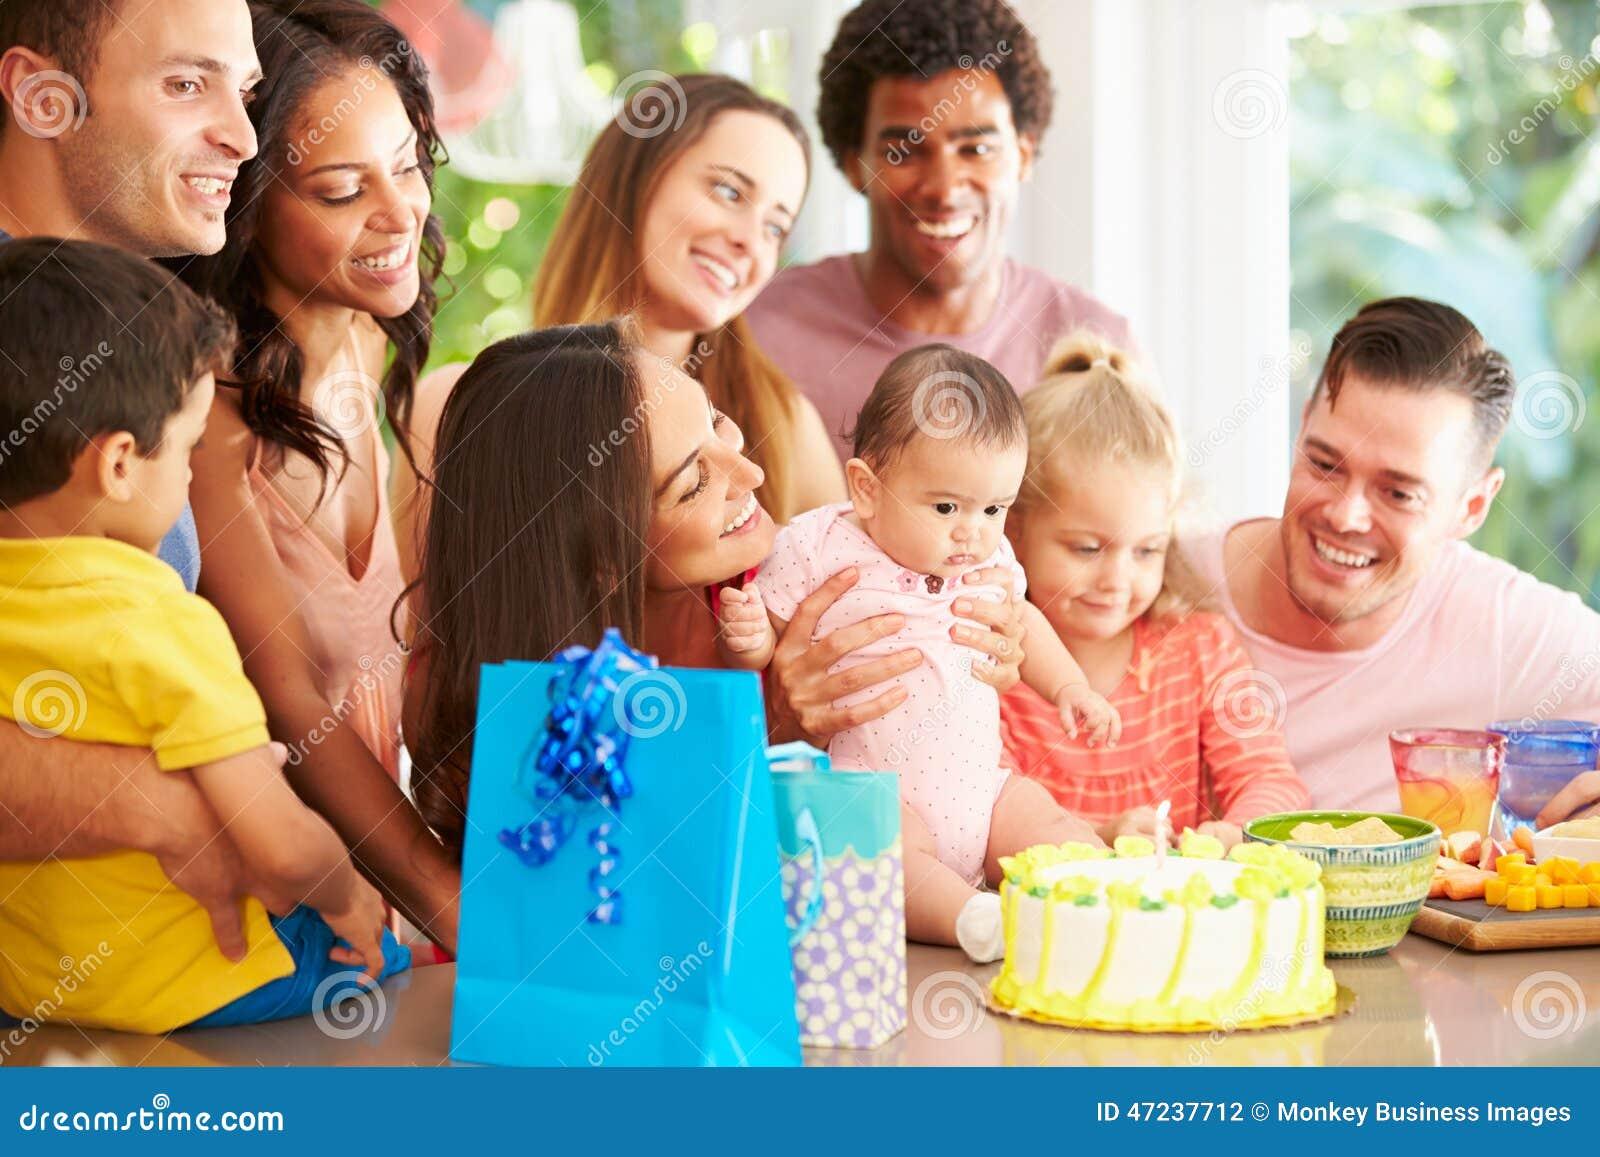 Grupa rodziny Świętuje dziecko Pierwszy urodziny W Domu